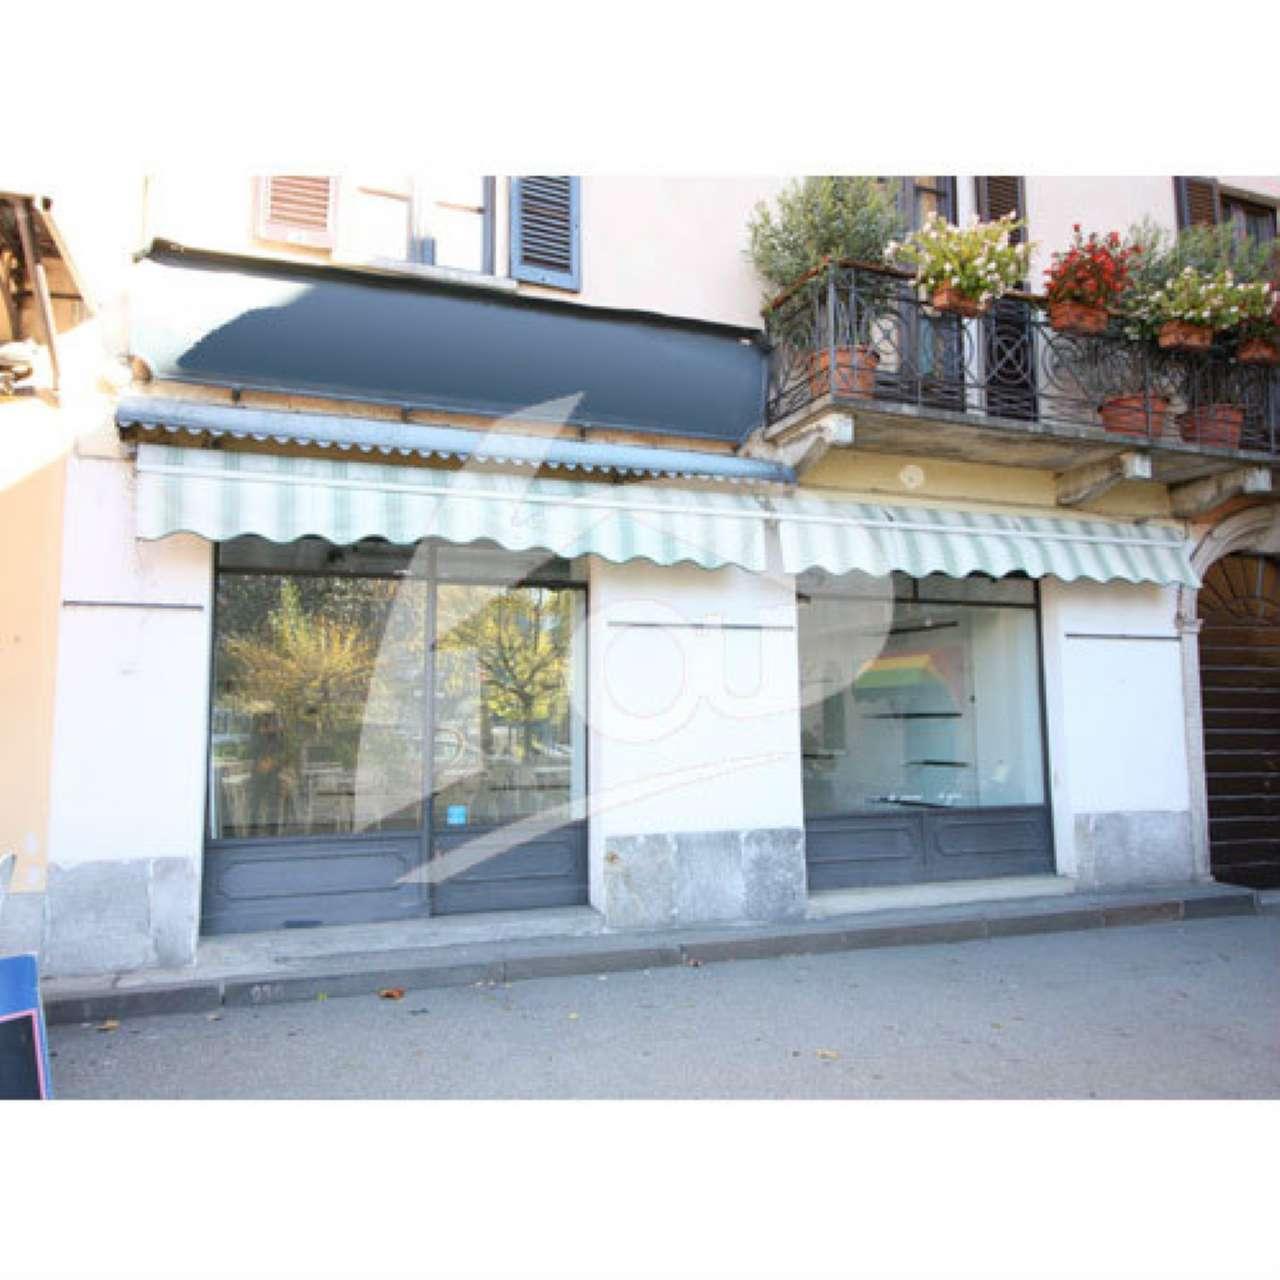 Negozio / Locale in affitto a Laveno-Mombello, 1 locali, prezzo € 700 | PortaleAgenzieImmobiliari.it